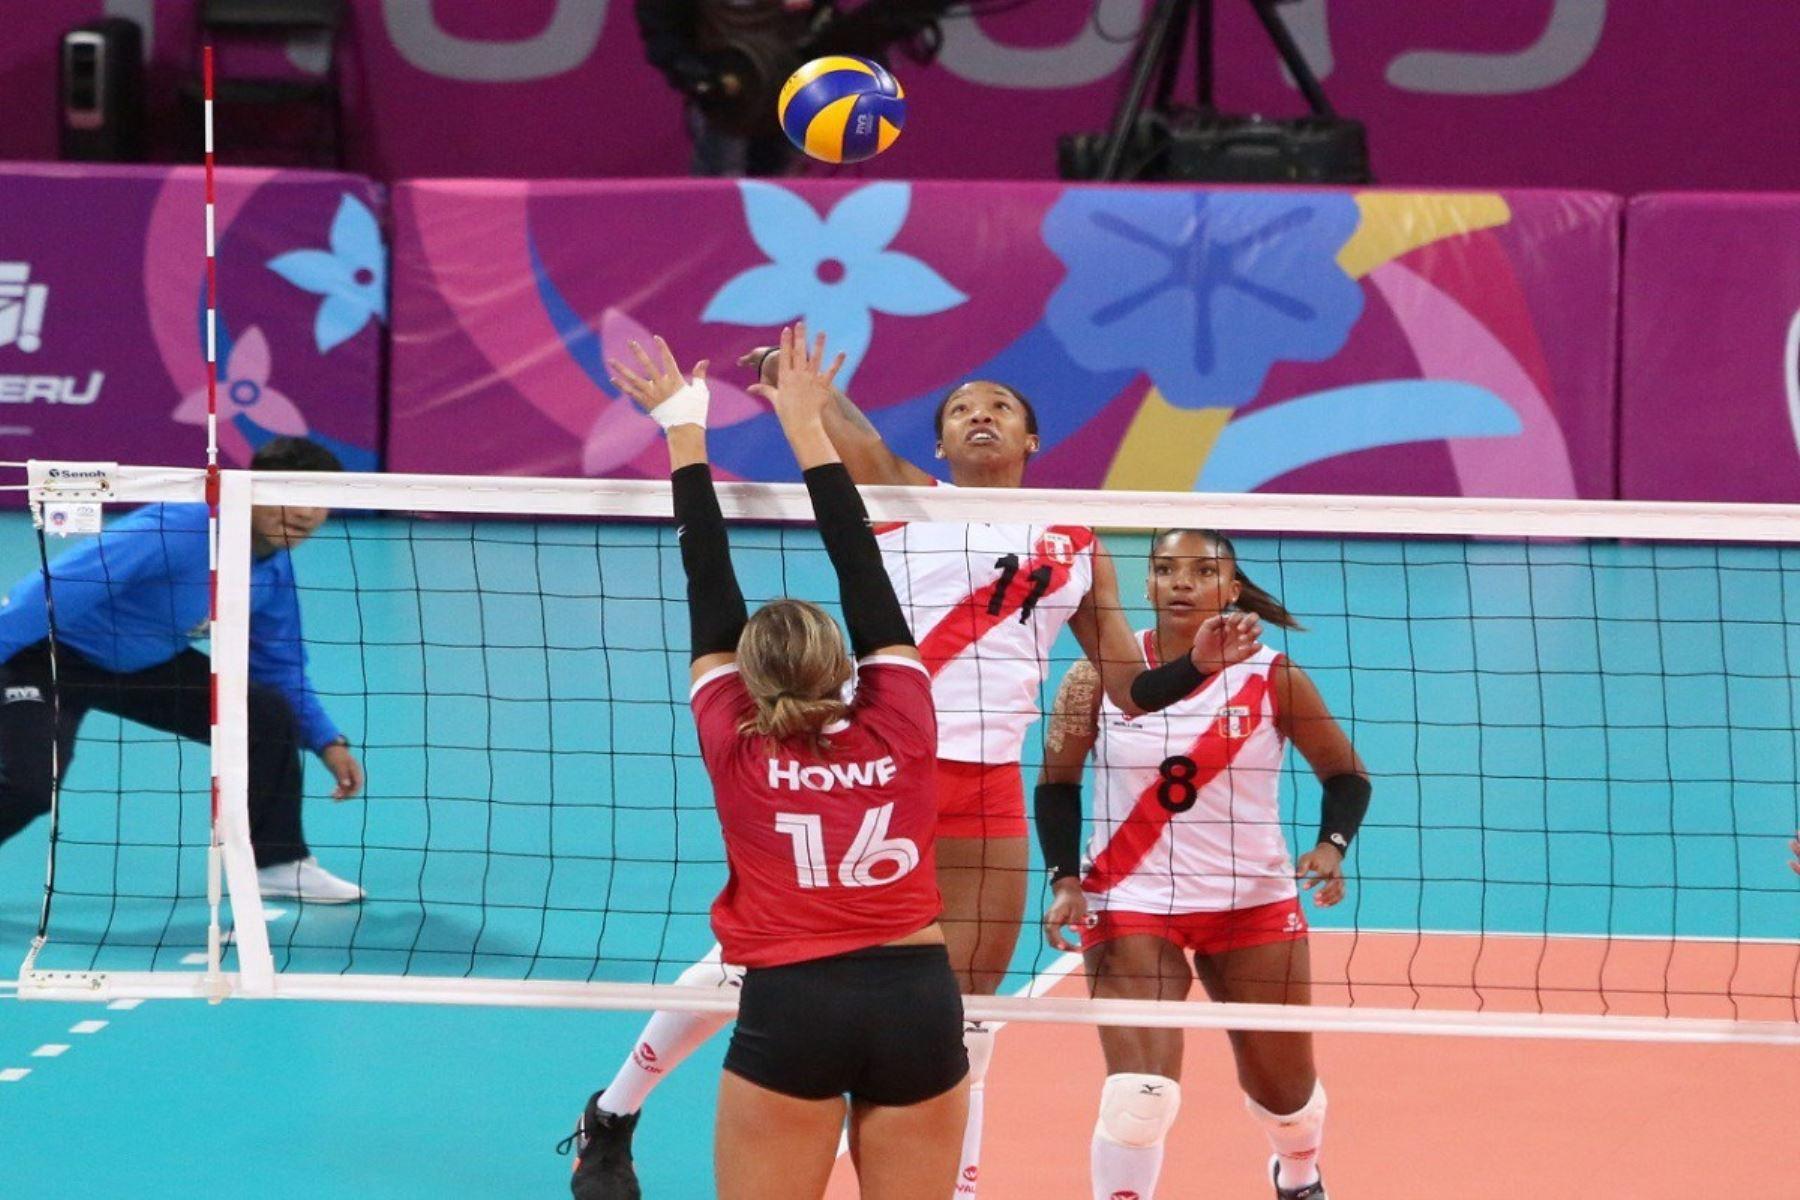 Perú busca la clasificación al mundial de Países Bajos- Polonia 2022. Foto: ANDINA/Difusión